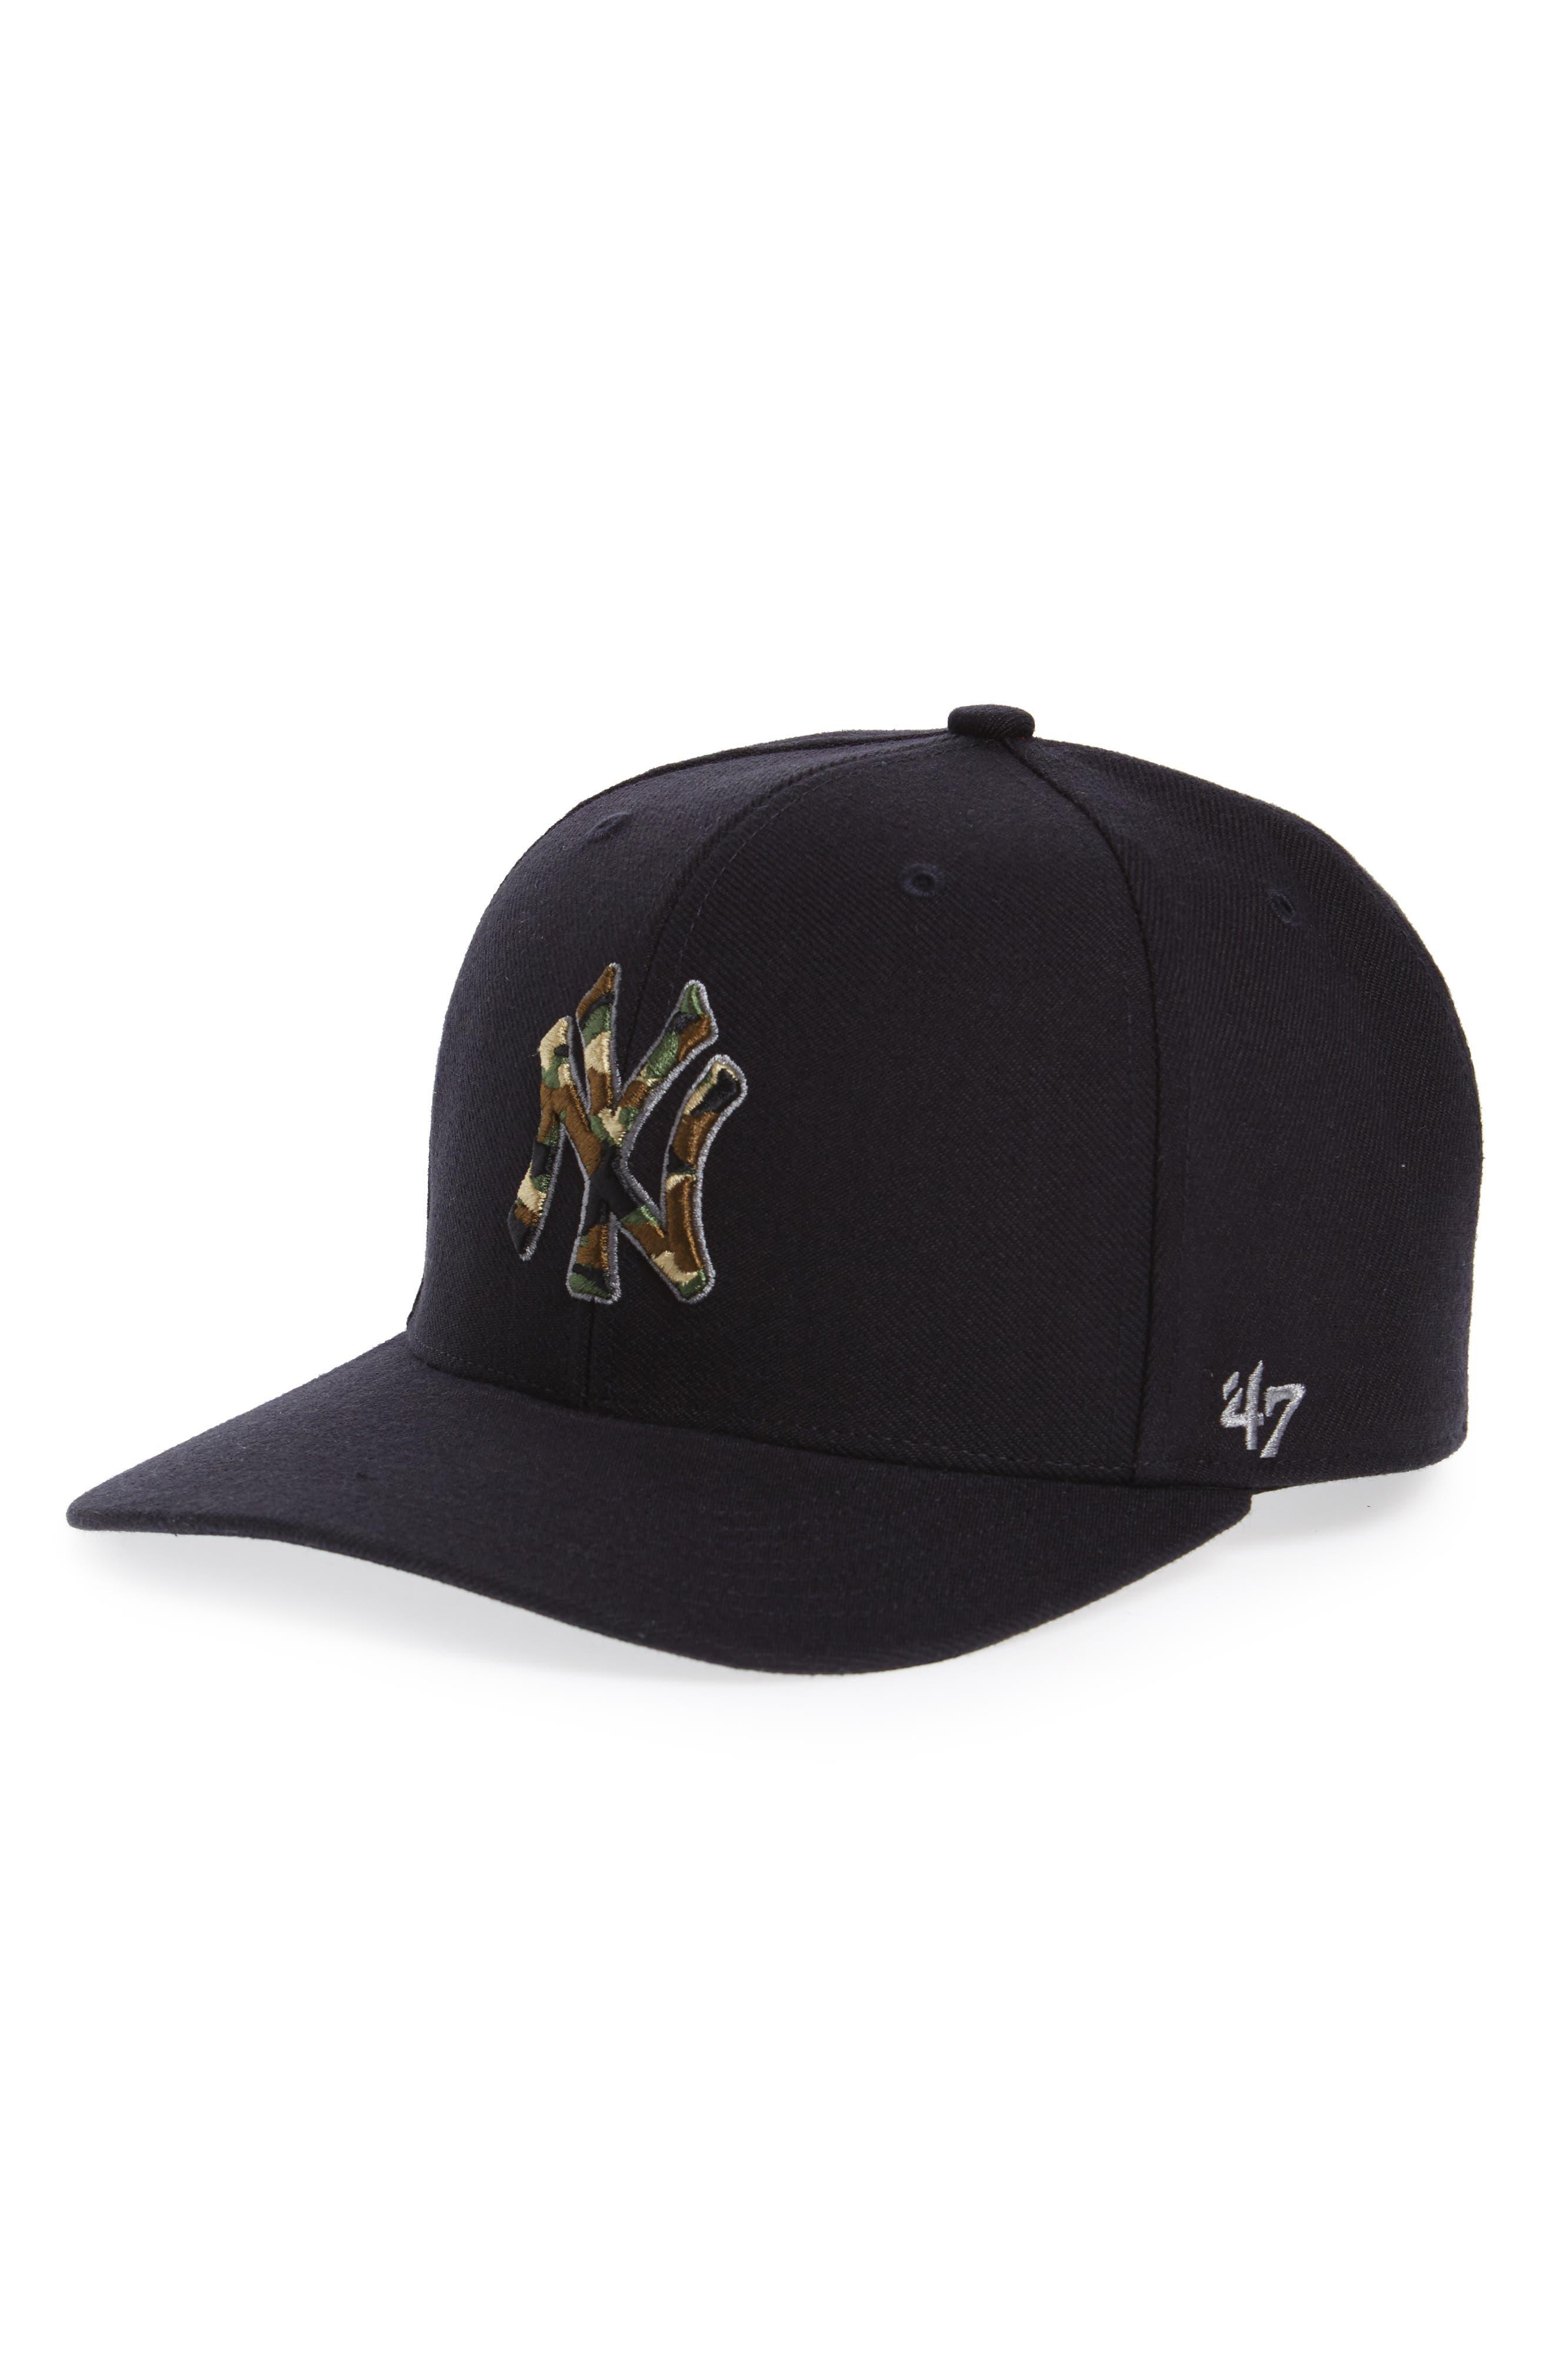 Camfill New York Yankees Baseball Cap,                             Main thumbnail 1, color,                             400